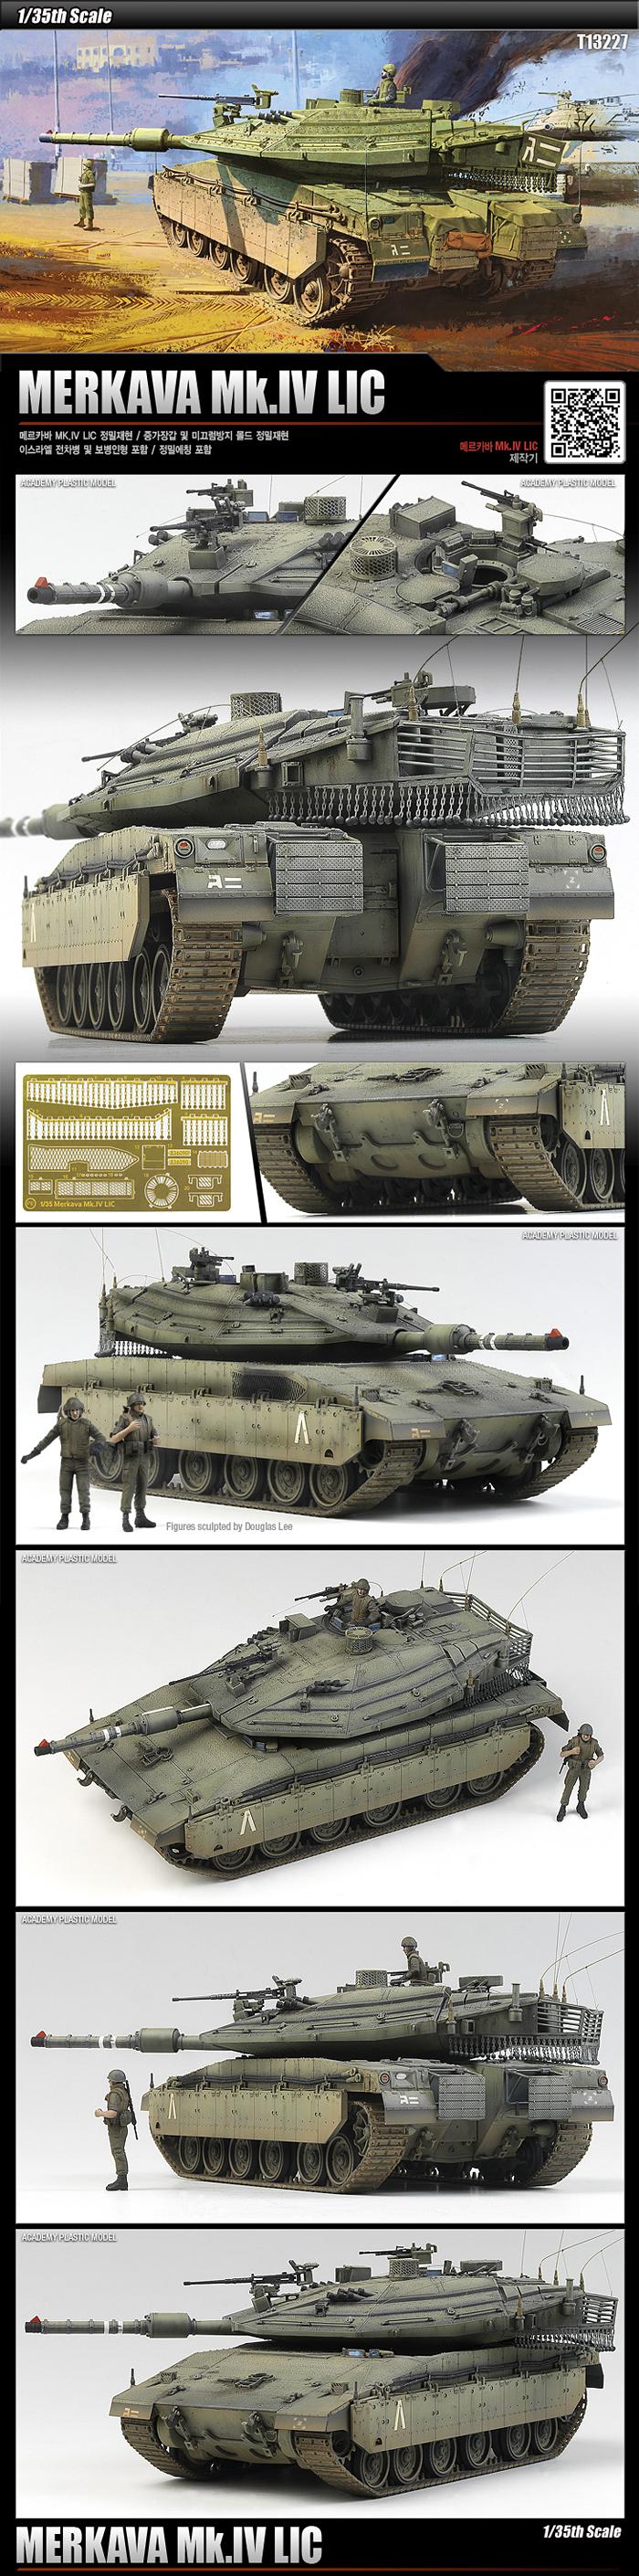 1-35 메르카바 Mk IV LIC밀리터리 탱크프라모델 - 아카데미과학, 26,000원, 밀리터리 프라모델, 밀리터리 프라모델